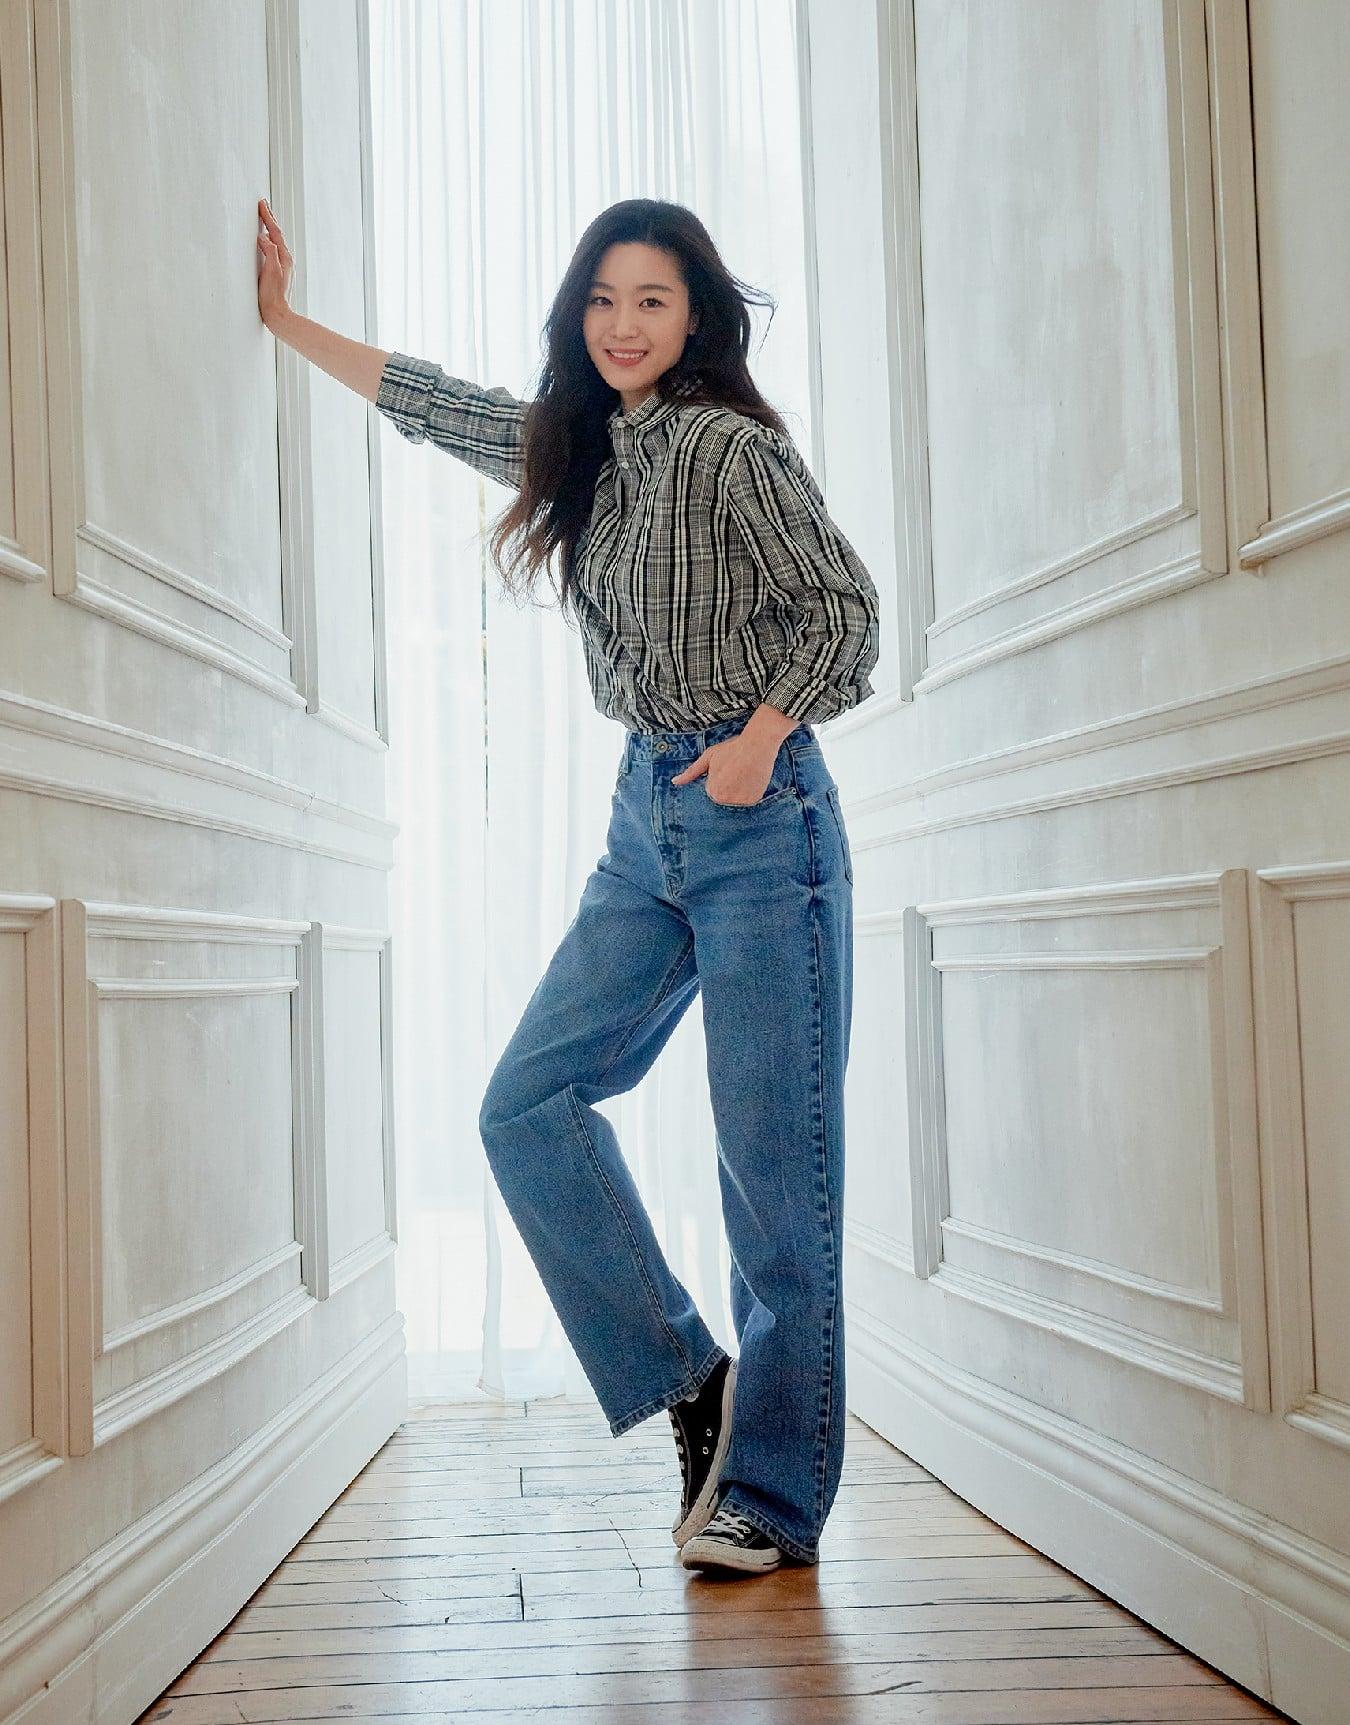 Hóng 10 set đồ của Jeon Ji Hyun, chị em nhặt ra khối tip lên đồ ưng mắt vừa sang vừa trẻ cho mùa lạnh - Ảnh 7.